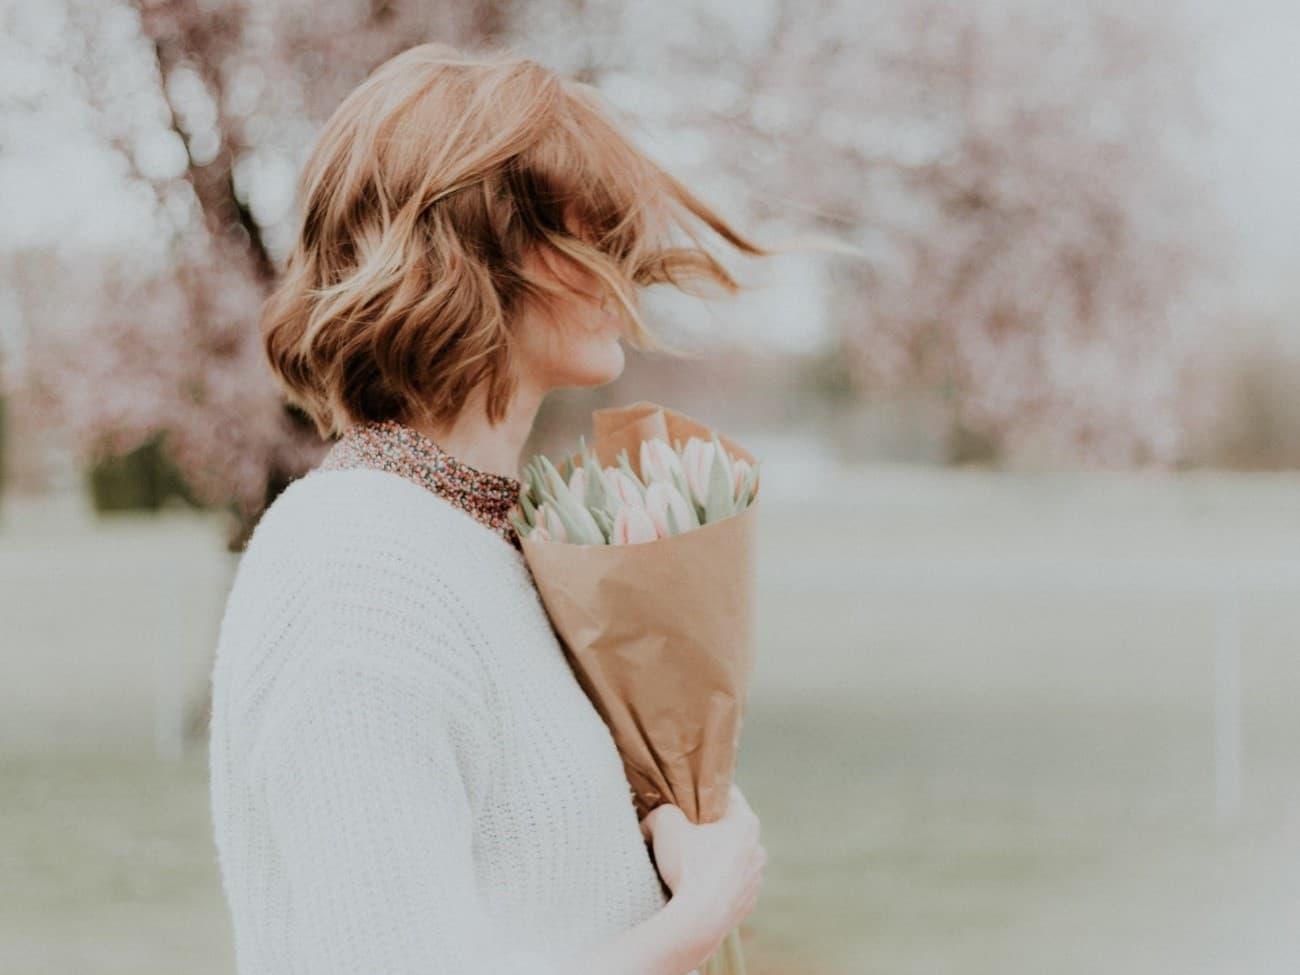 11回結婚したから分かる「付き合っている彼氏がプロポーズしない」理由